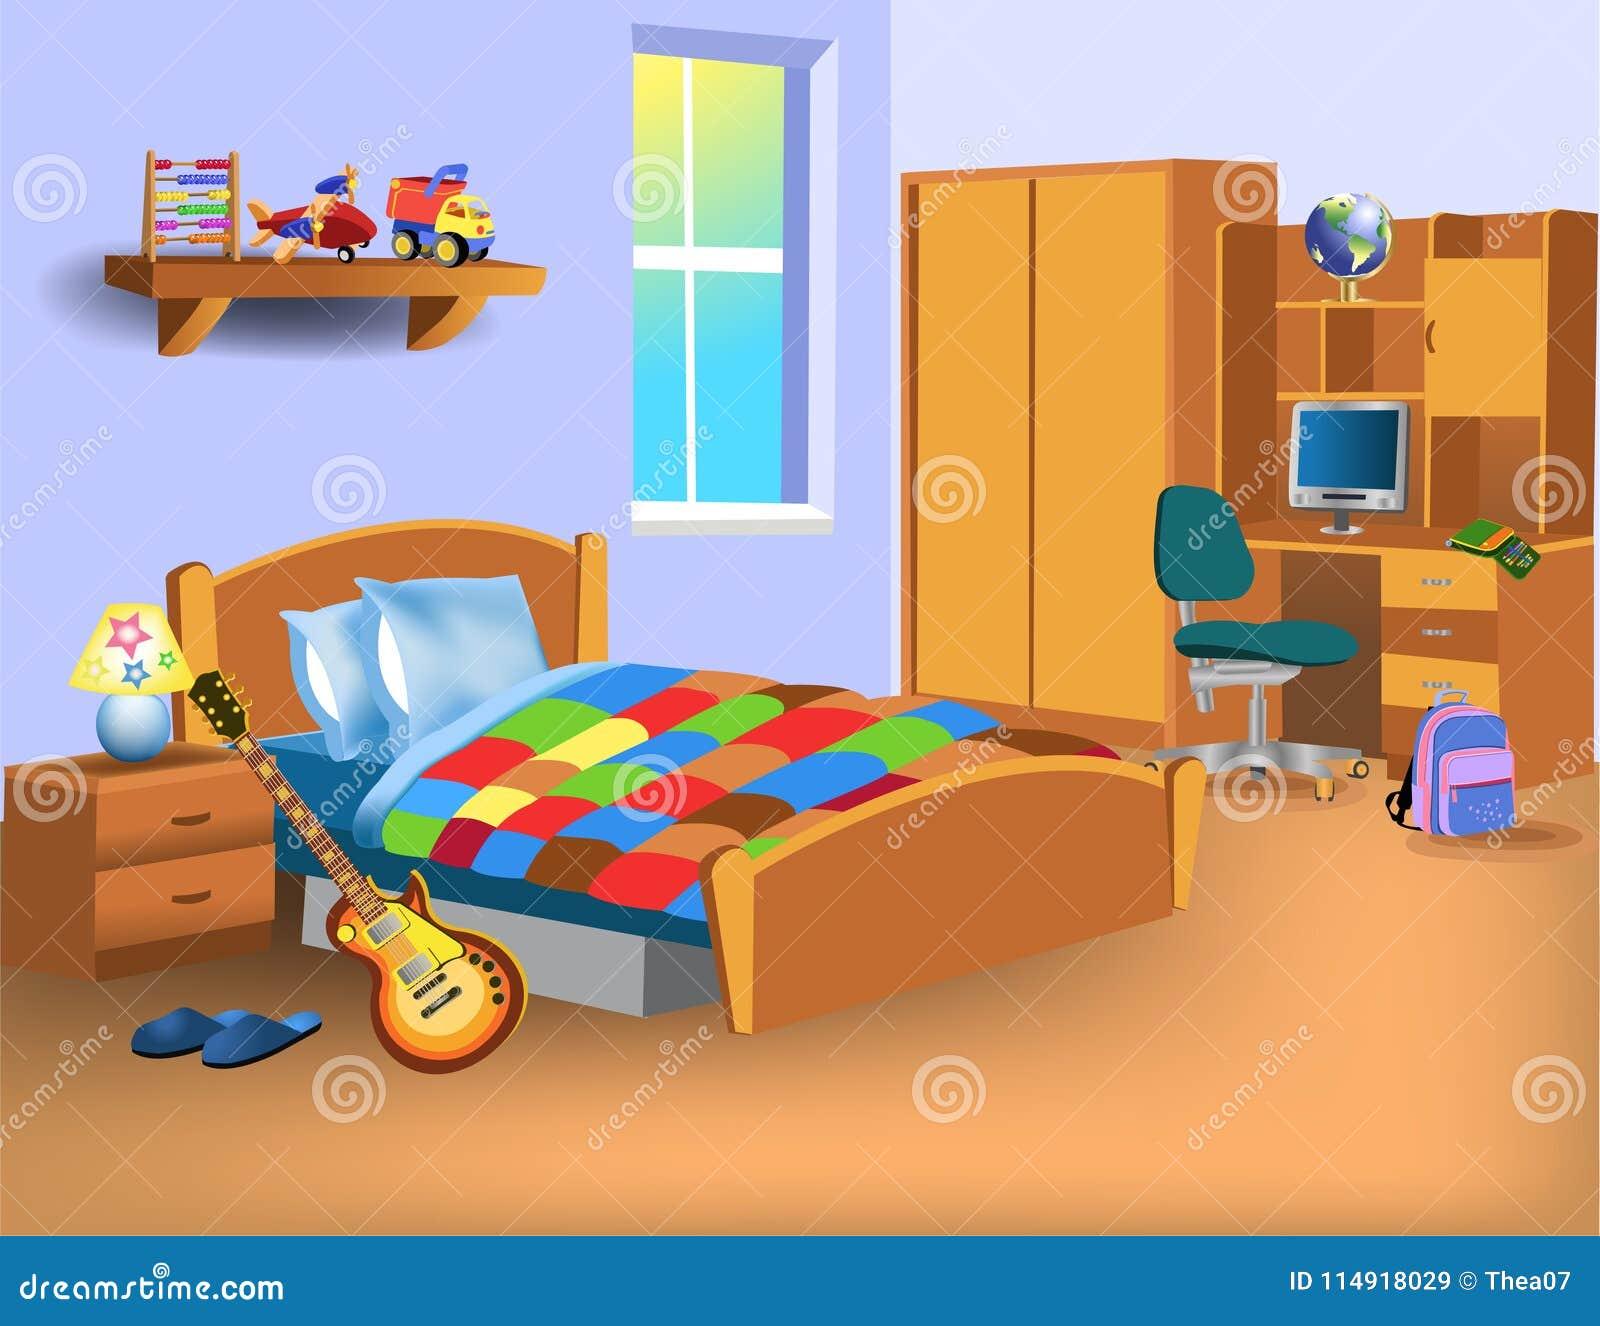 Dormitorio del niño de la historieta con el ordenador en el escritorio, los juguetes y la guitarra eléctrica